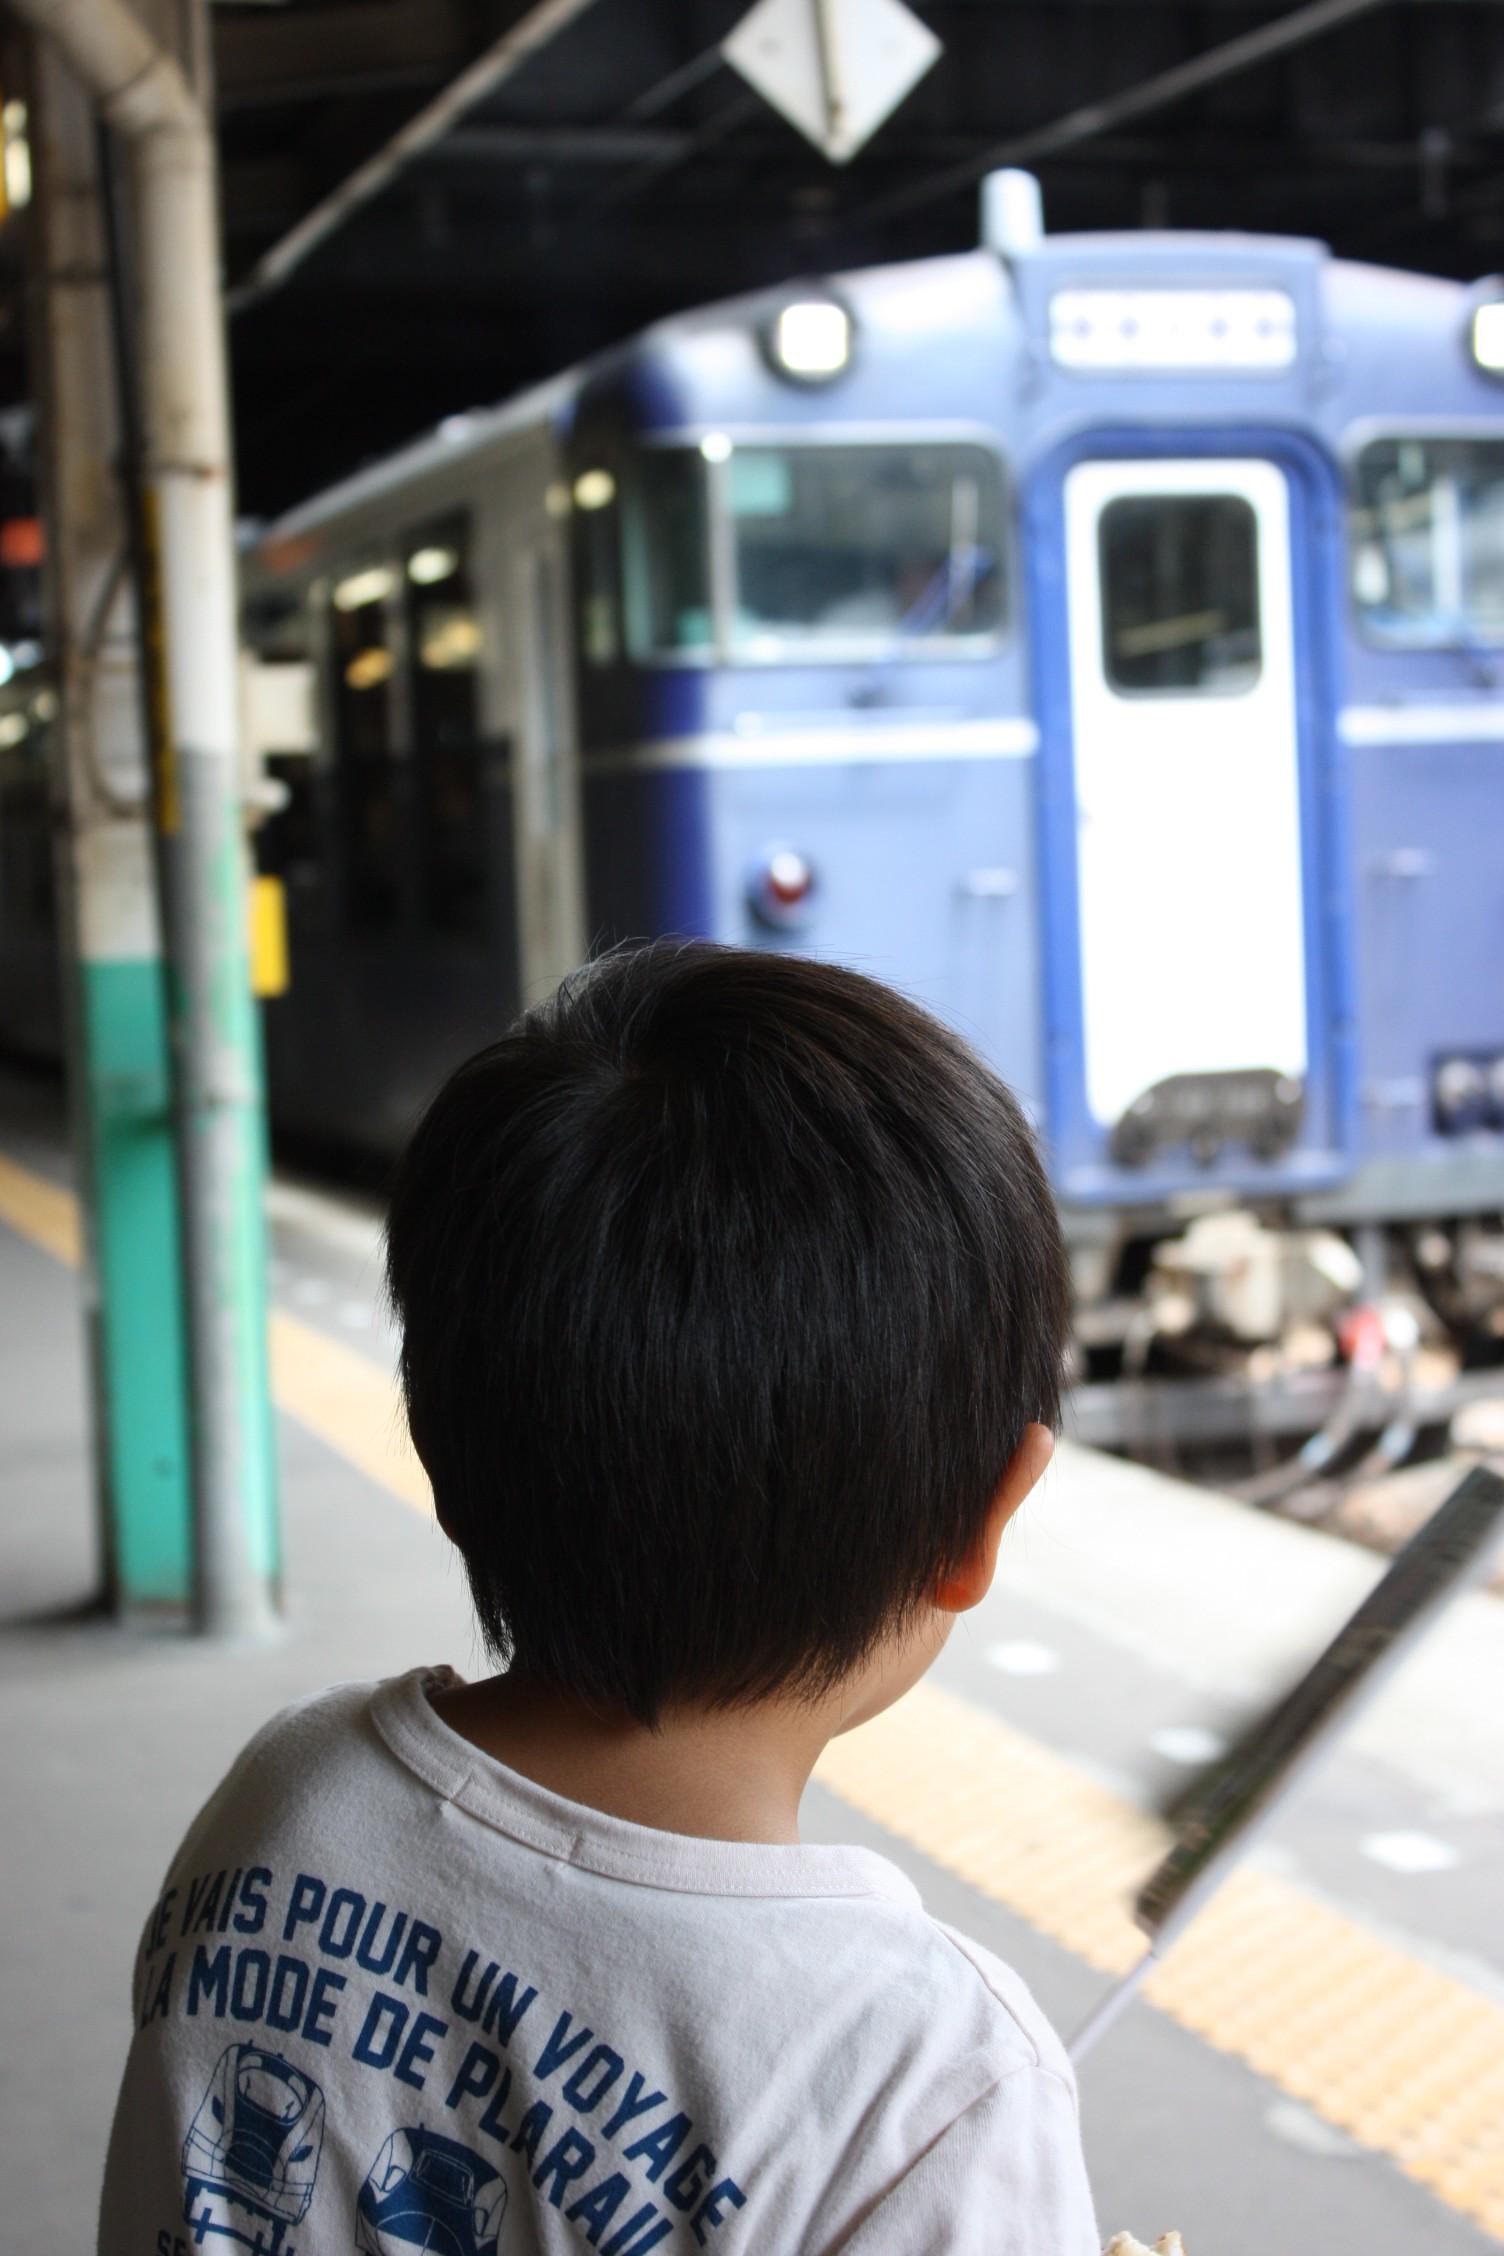 駅員さんにもらった旗を振って越乃Shu*Kuraのお見送り。乗客や運転士さんが手を振り返してくれるのも子どもには嬉しい思い出になる。